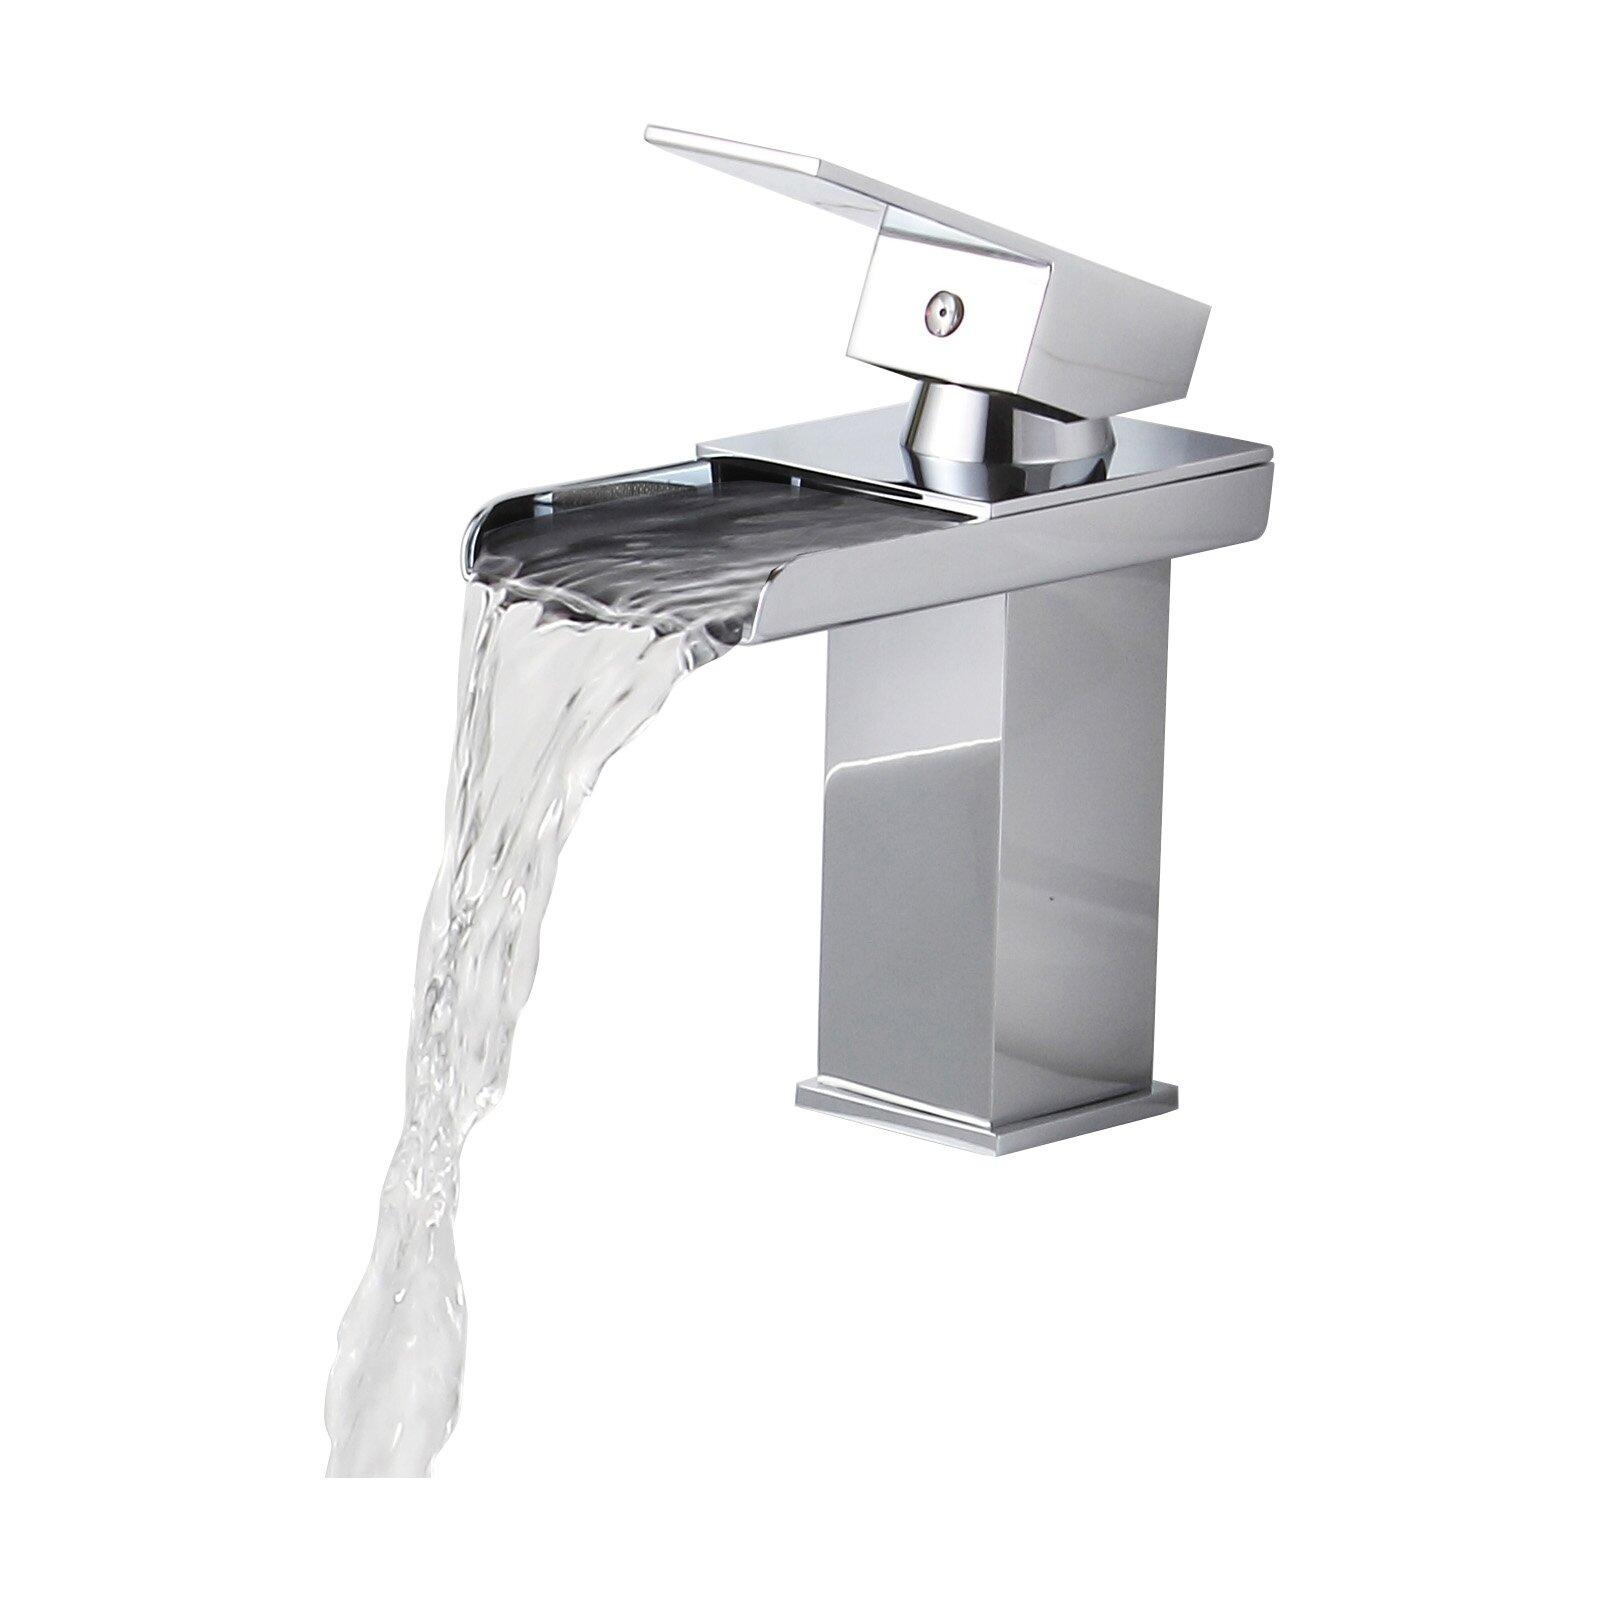 Elite Single Handle Bathroom Sink Waterfall Faucet